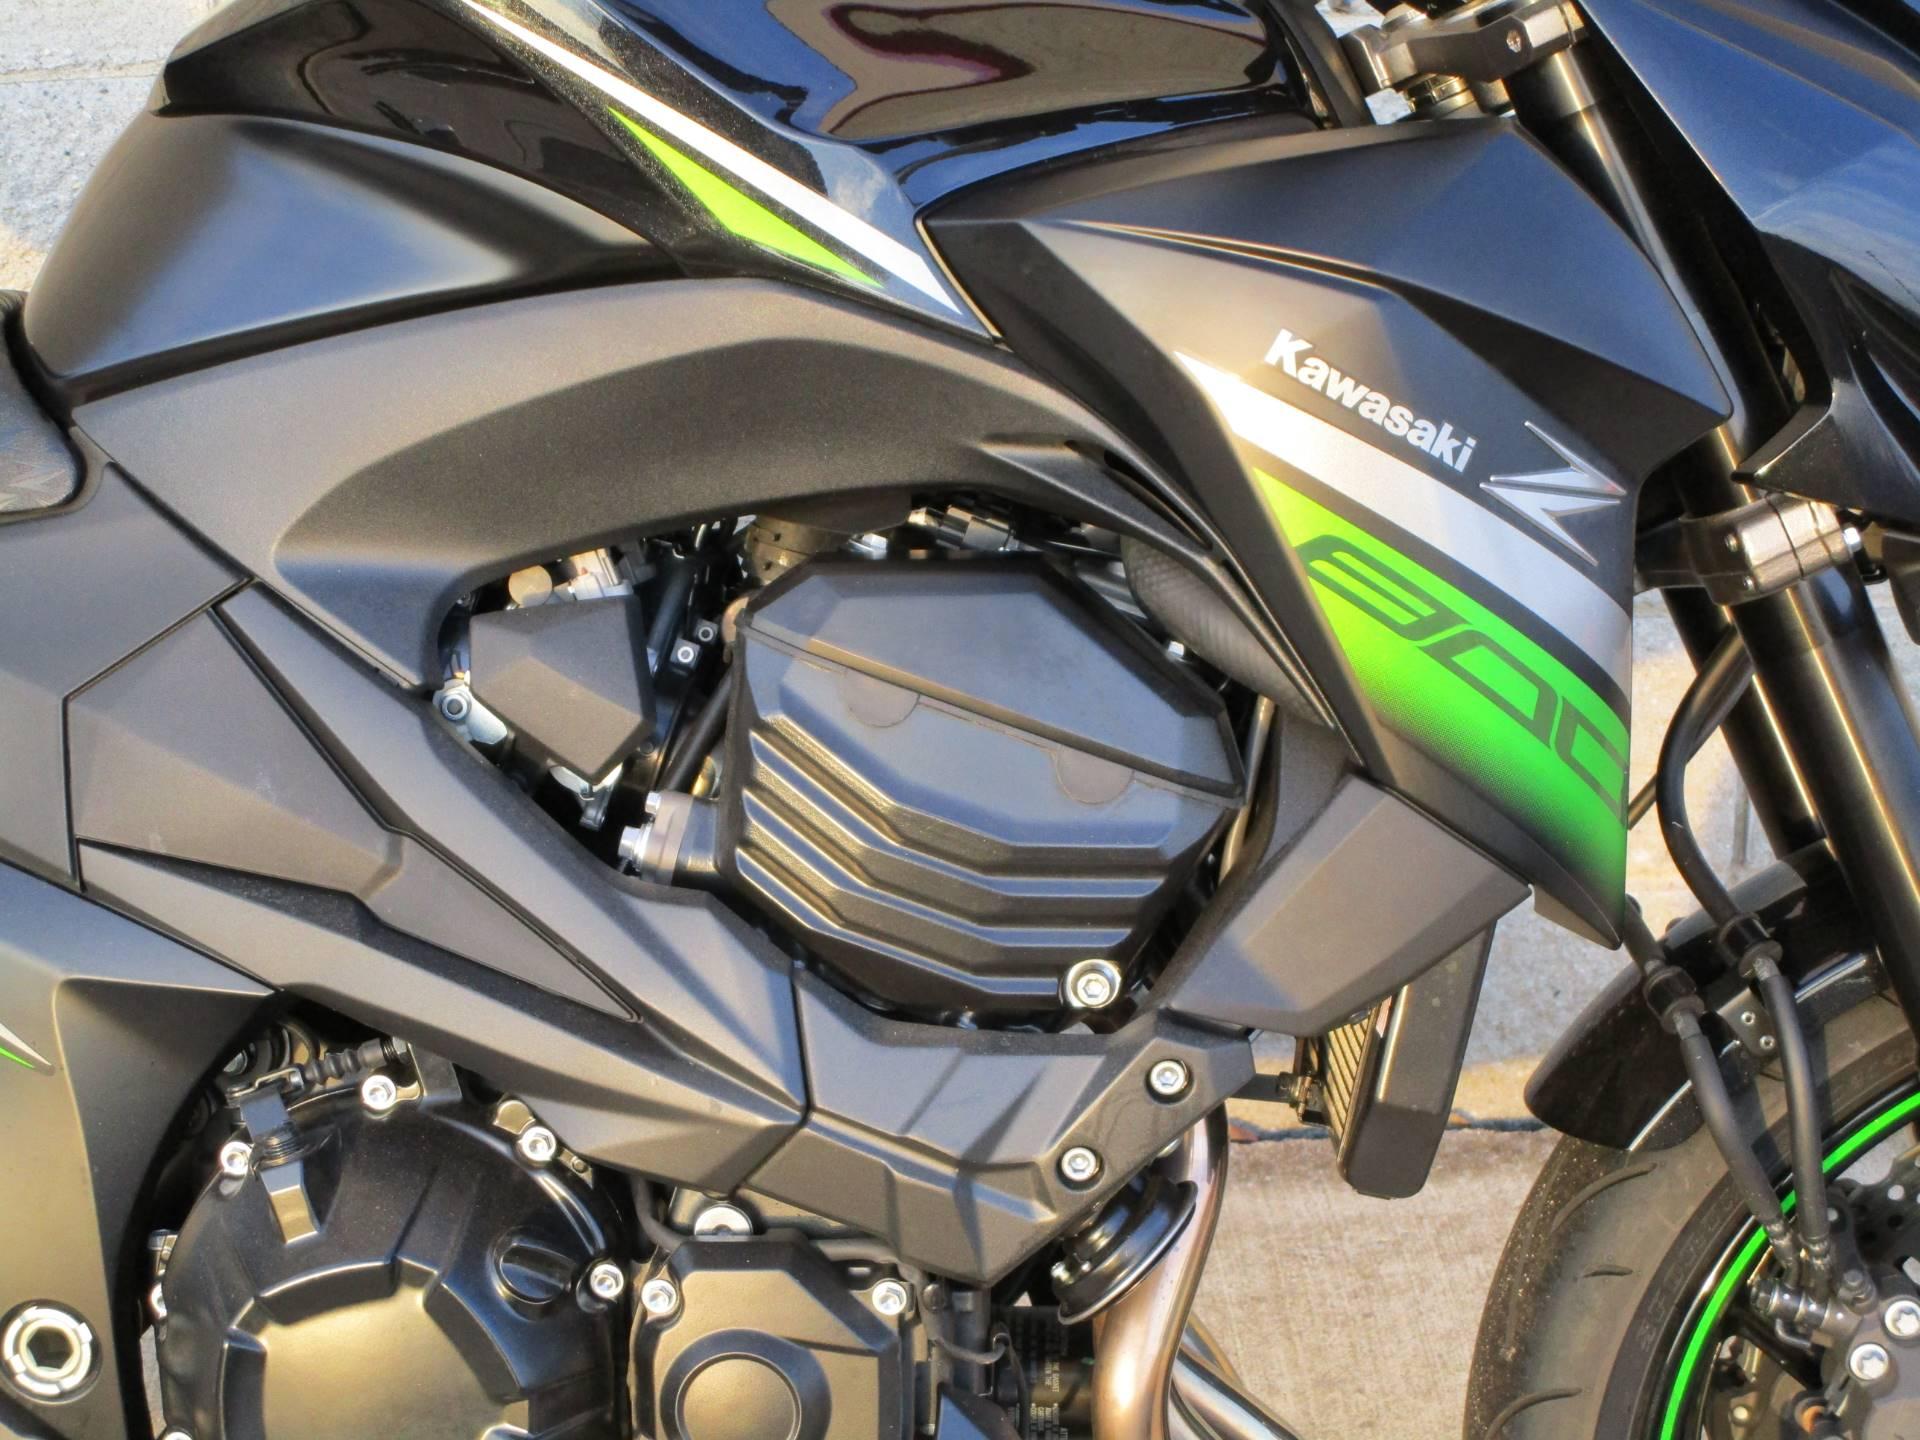 2016 Kawasaki Z800 ABS 5